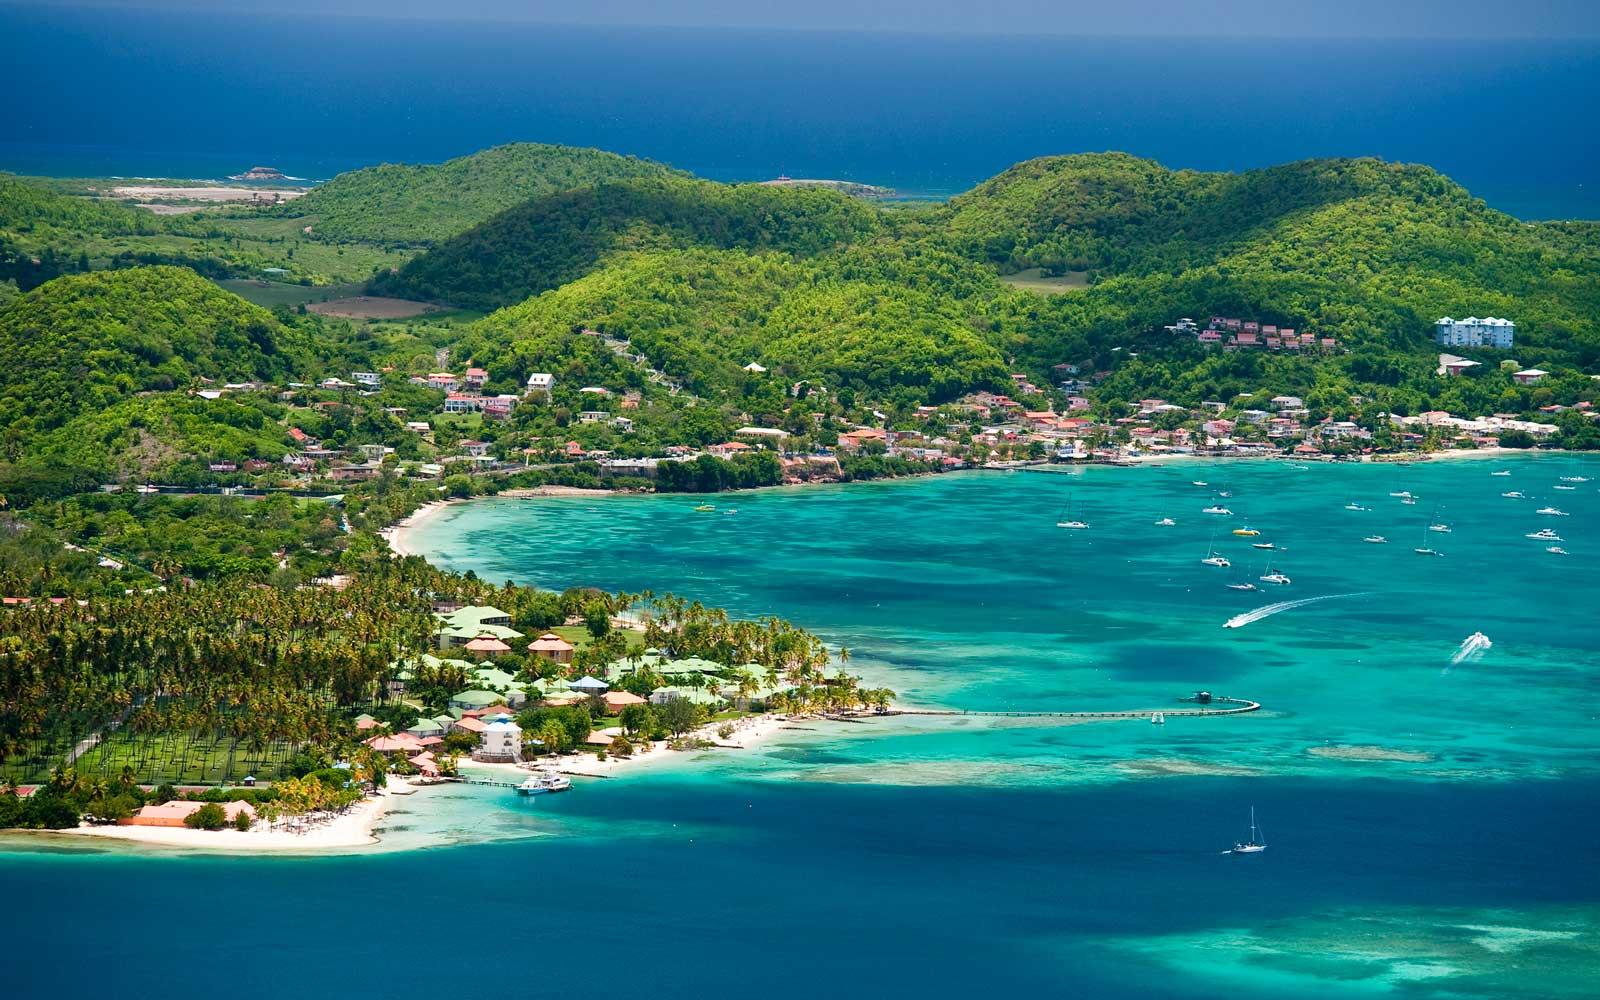 Ce que tout voyageur doit savoir avant de se rendre en Martinique